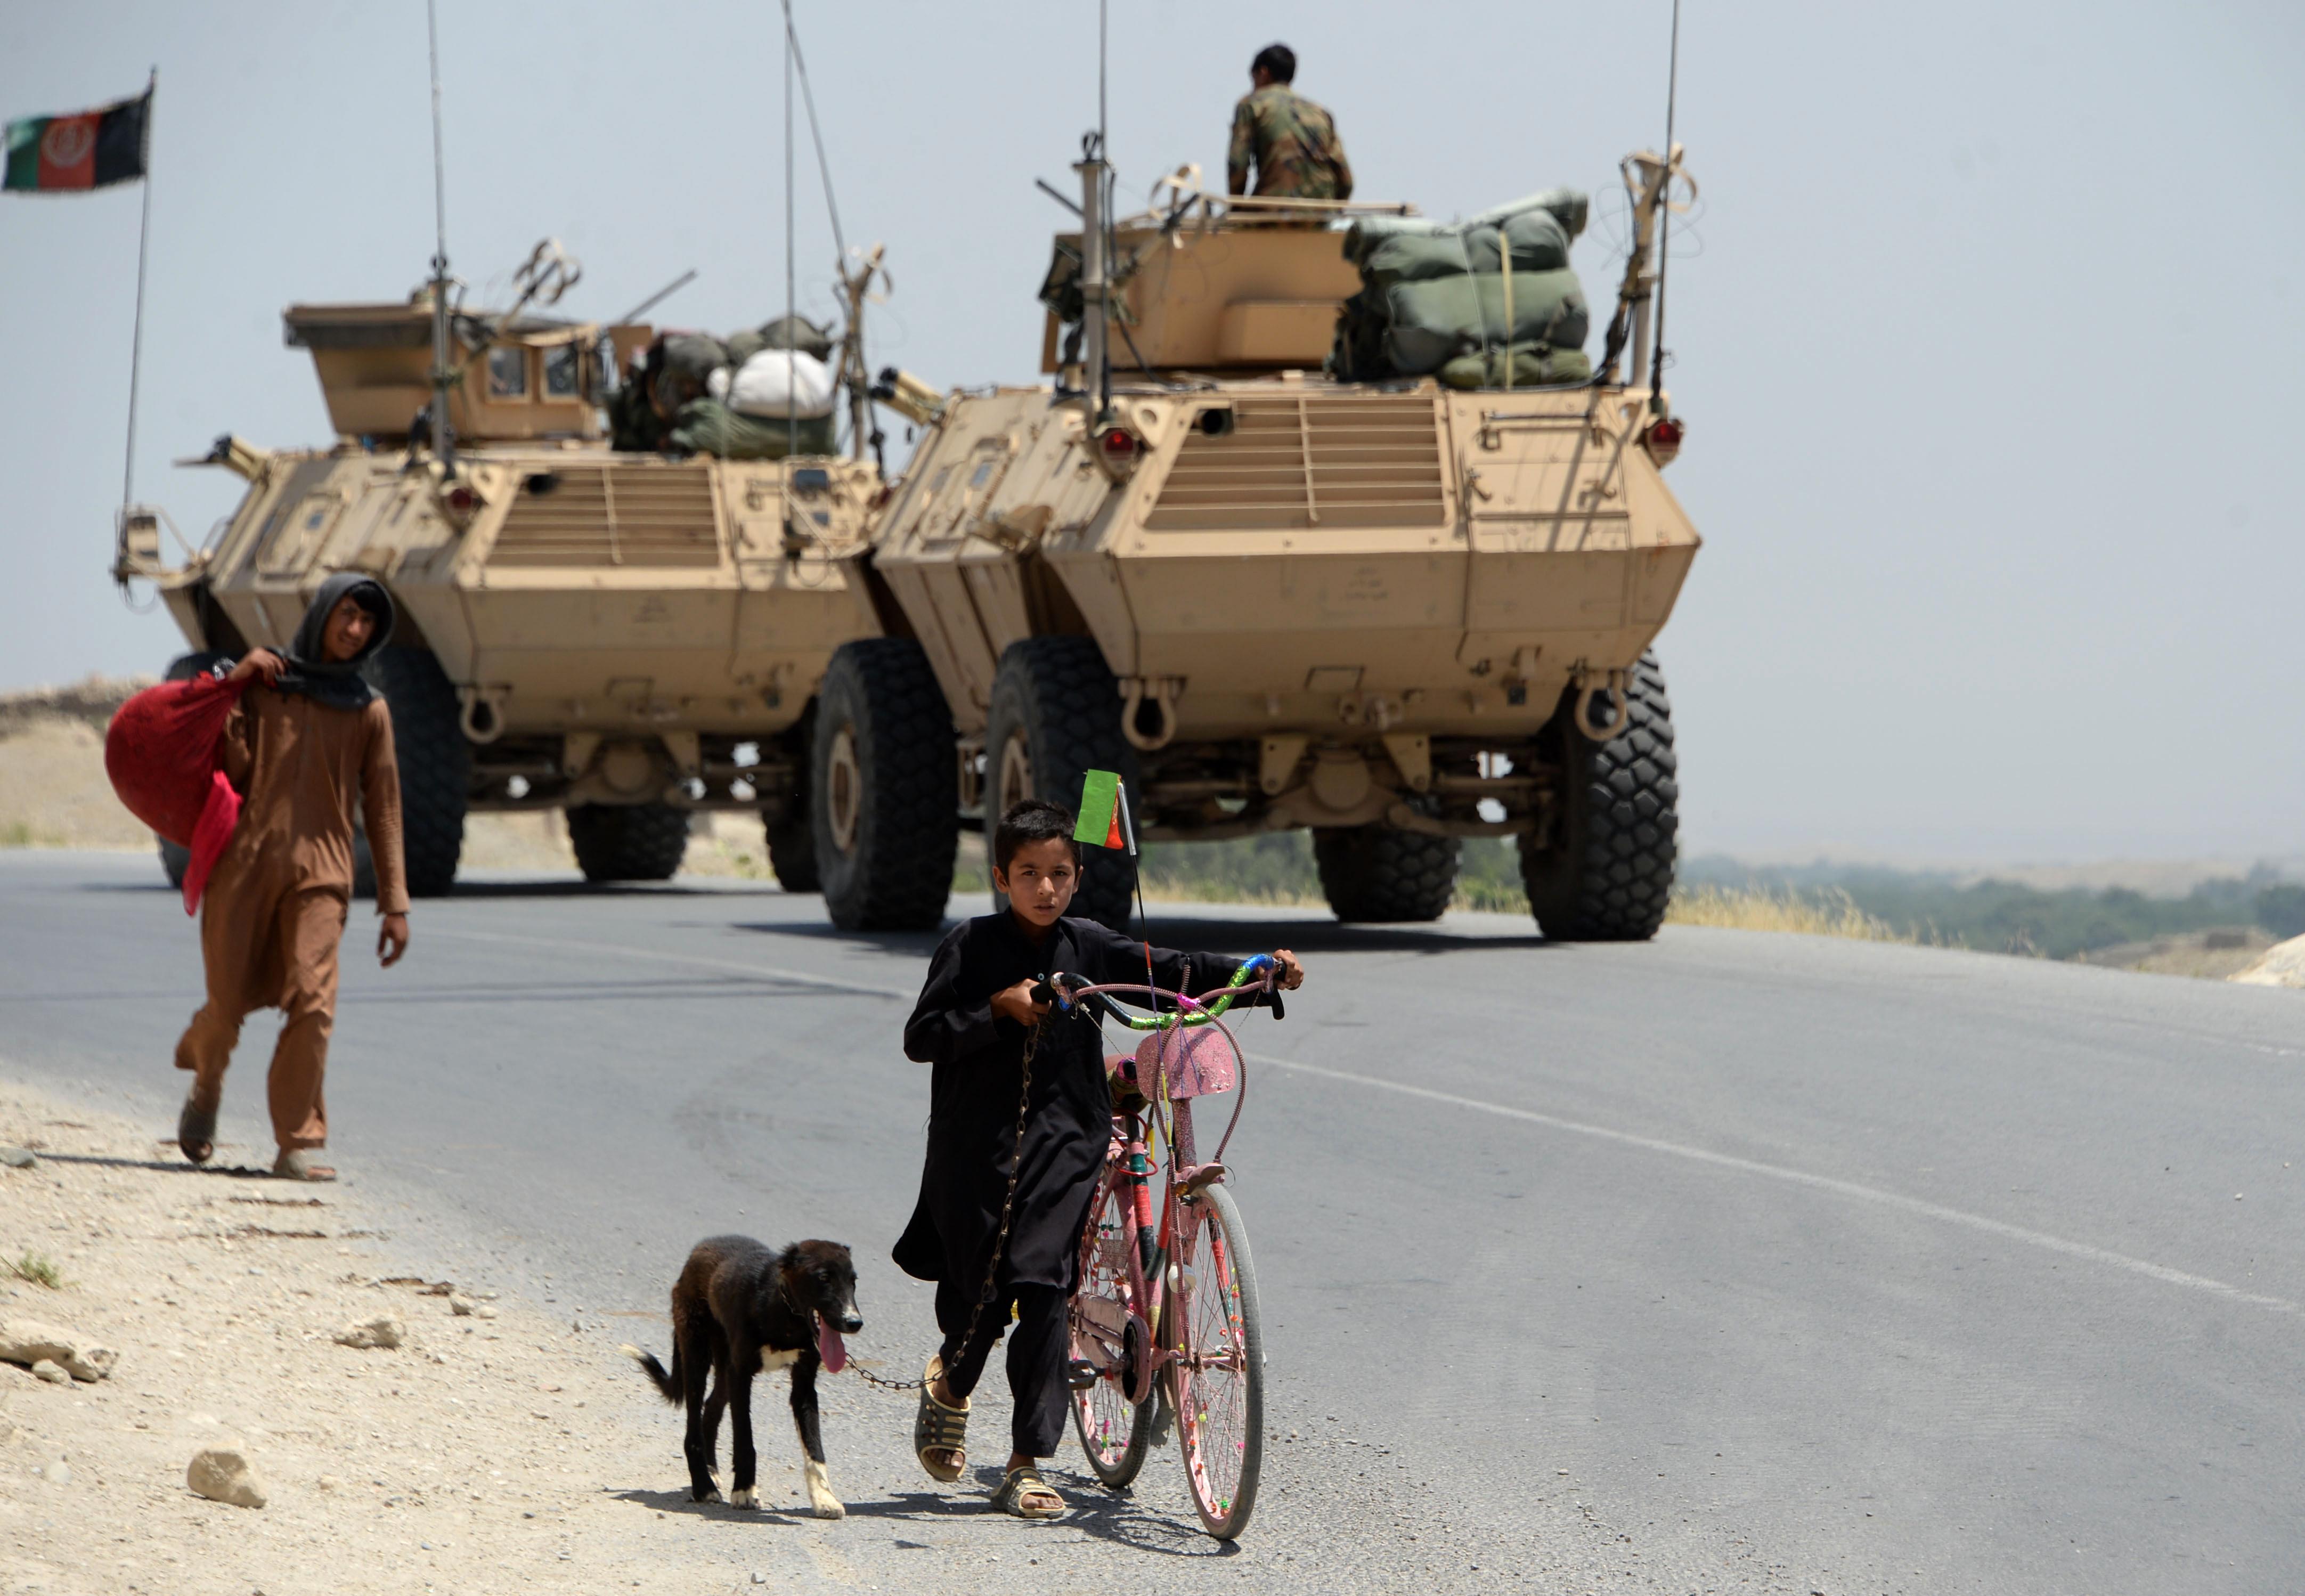 افغانانو له داعش او طالبانو نه وغوښتل چې د روژې پر وخت حملې ودروي